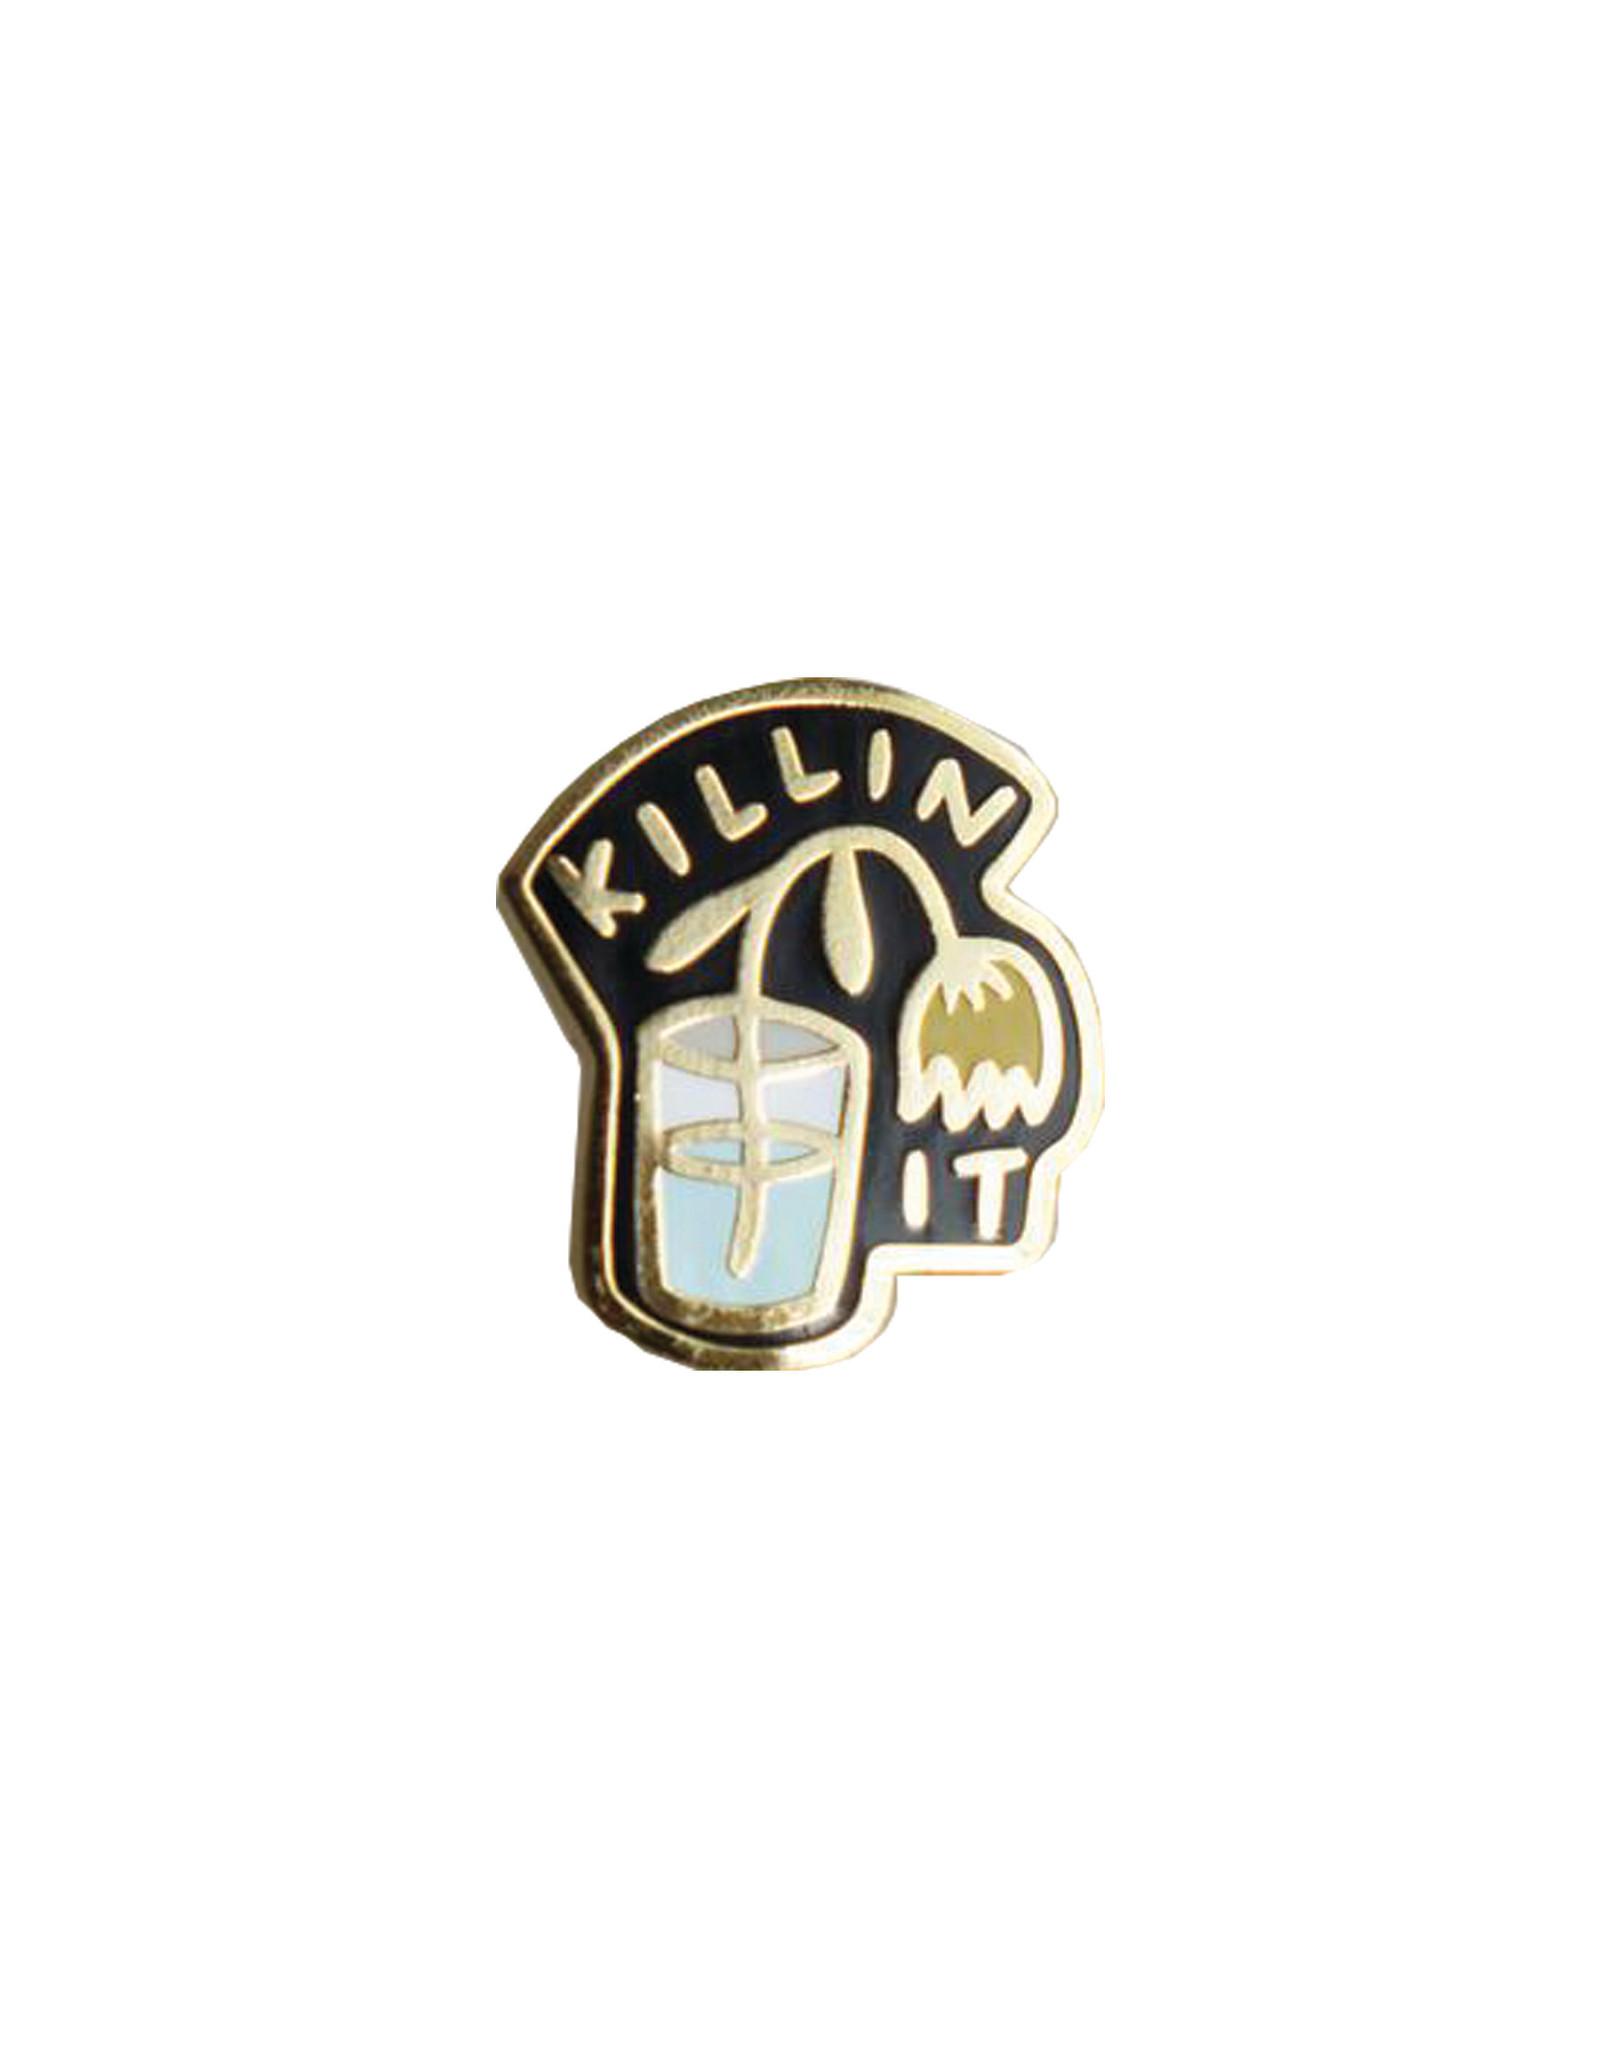 Stay Home Club Killin It Pin